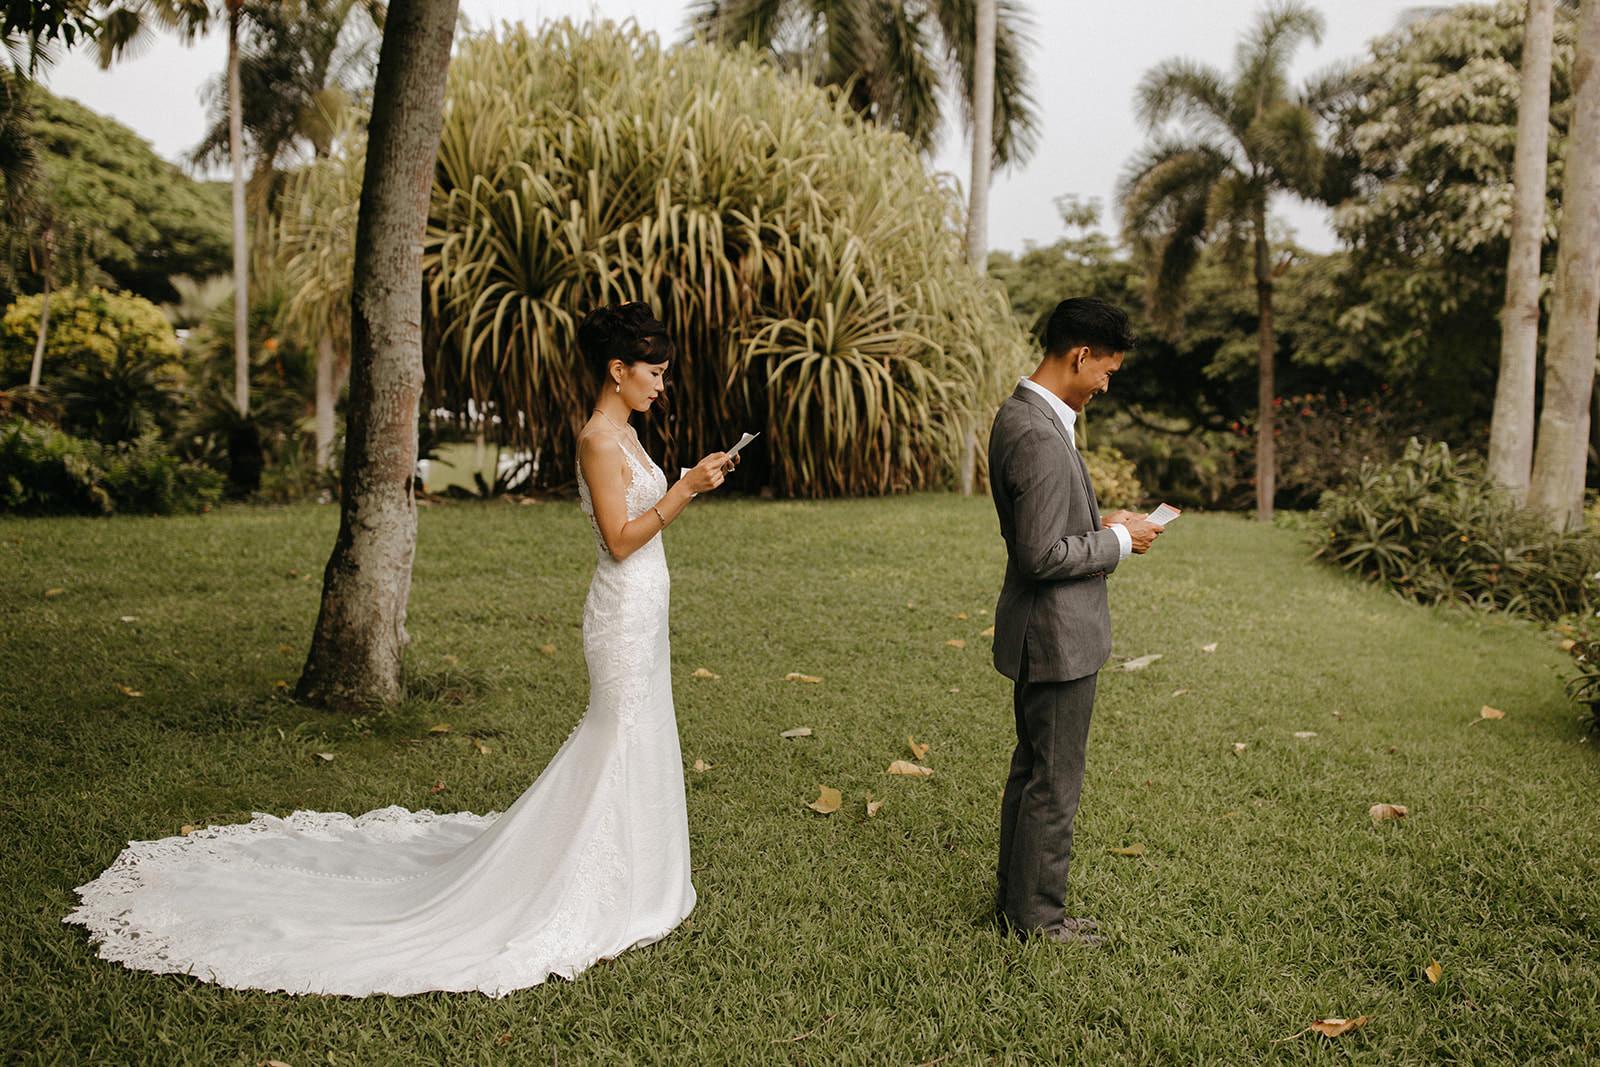 Kualoa_Hawaii_wedding_paliku18.jpg